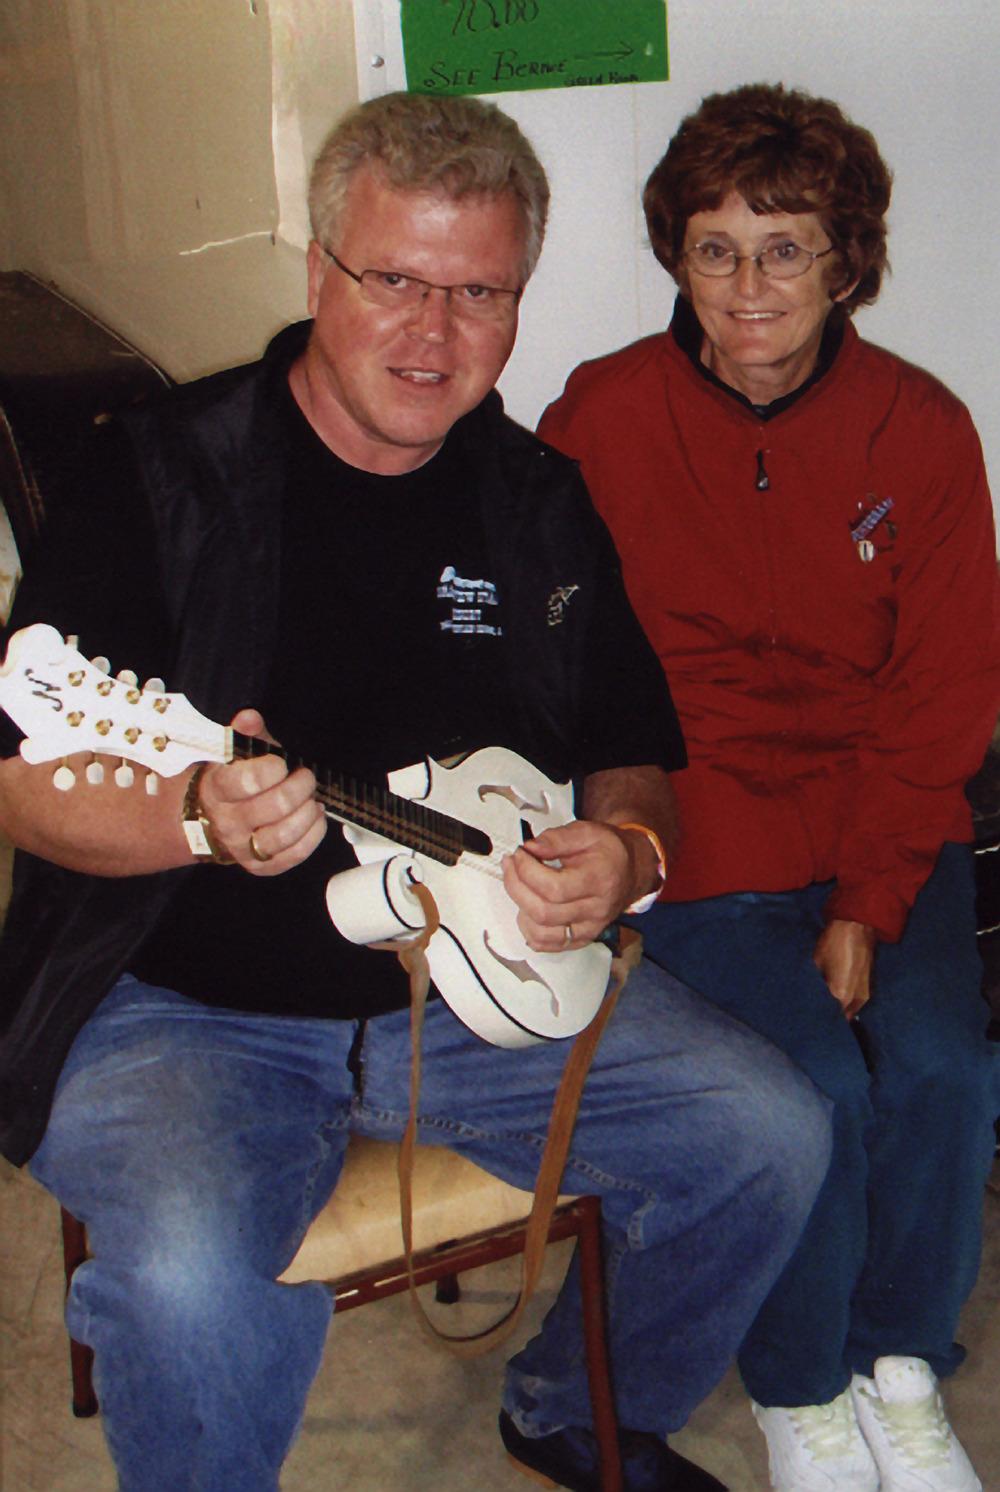 2007 - Bob Glidden & a friend